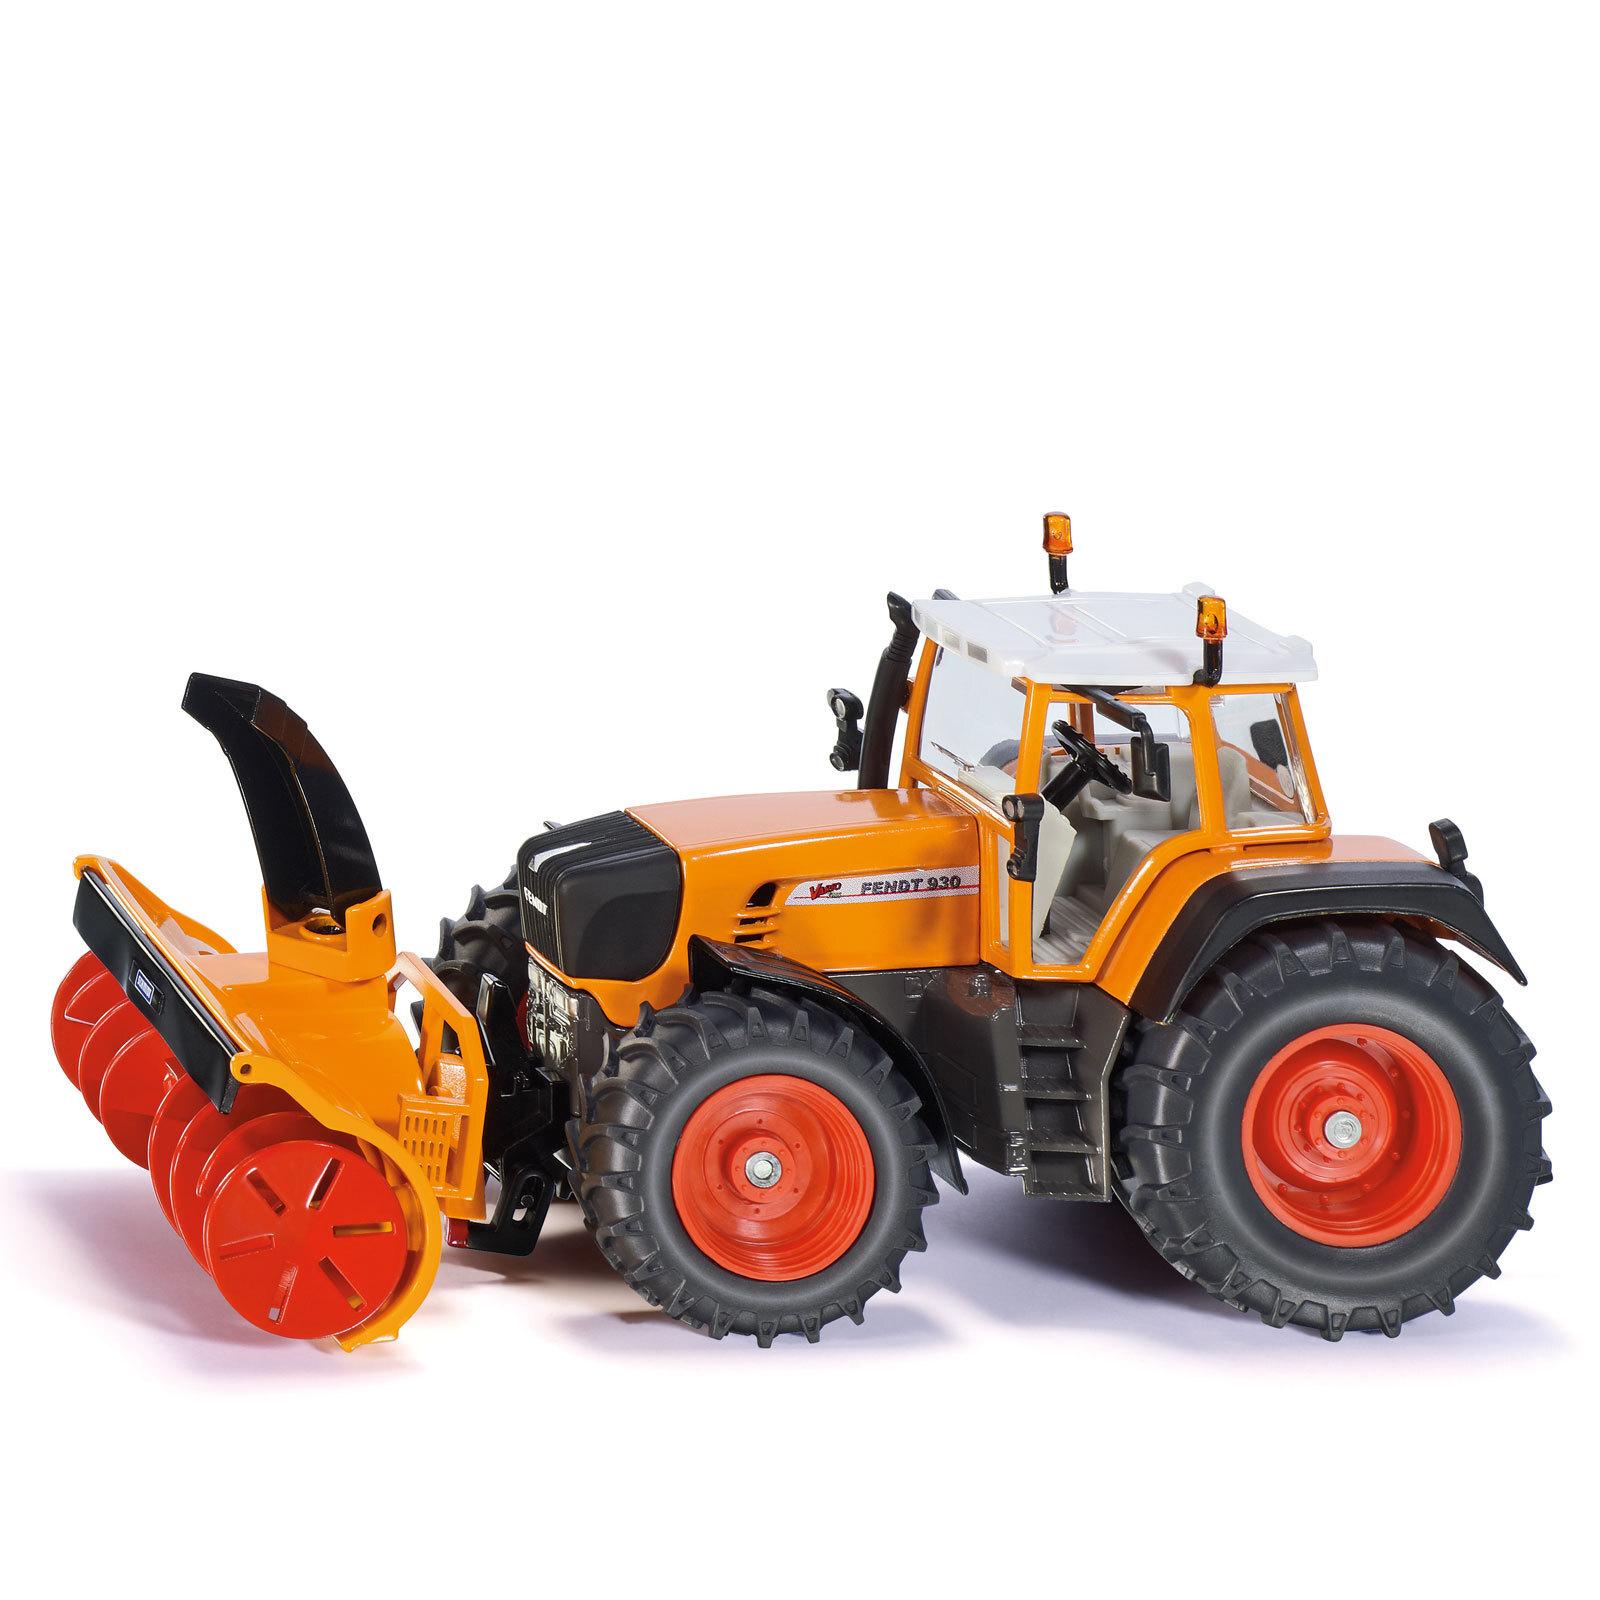 Cxserie 3punkt Schneefräse Traktor Schneefräse: SIKU Farmer Spielzeug Traktor Schlepper Fendt Mit